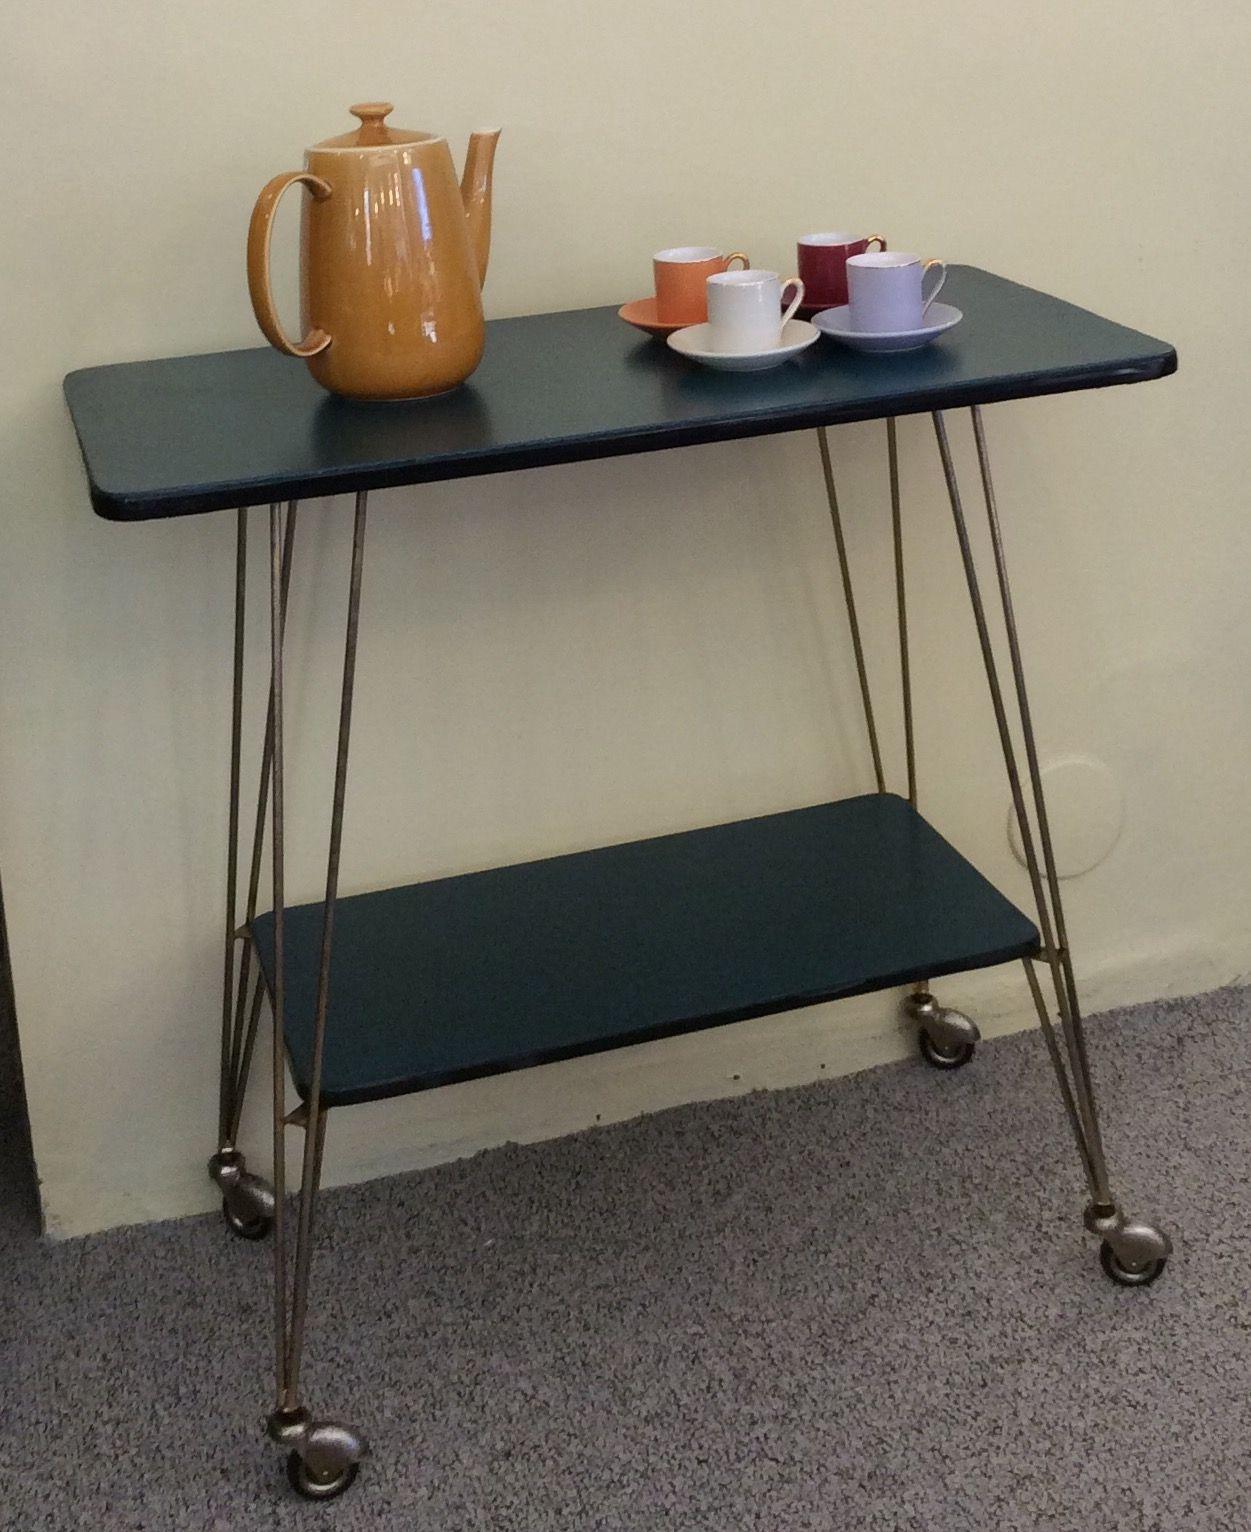 kaksitasoinen rullapöytä 50 luvun lopulta . tasot turkoosia muovipinnoitetta . kultaiset jalat . korkeus 72.5 . leveys 74.5 . syvyys 38.5 cm . @kooPernu VARATTU